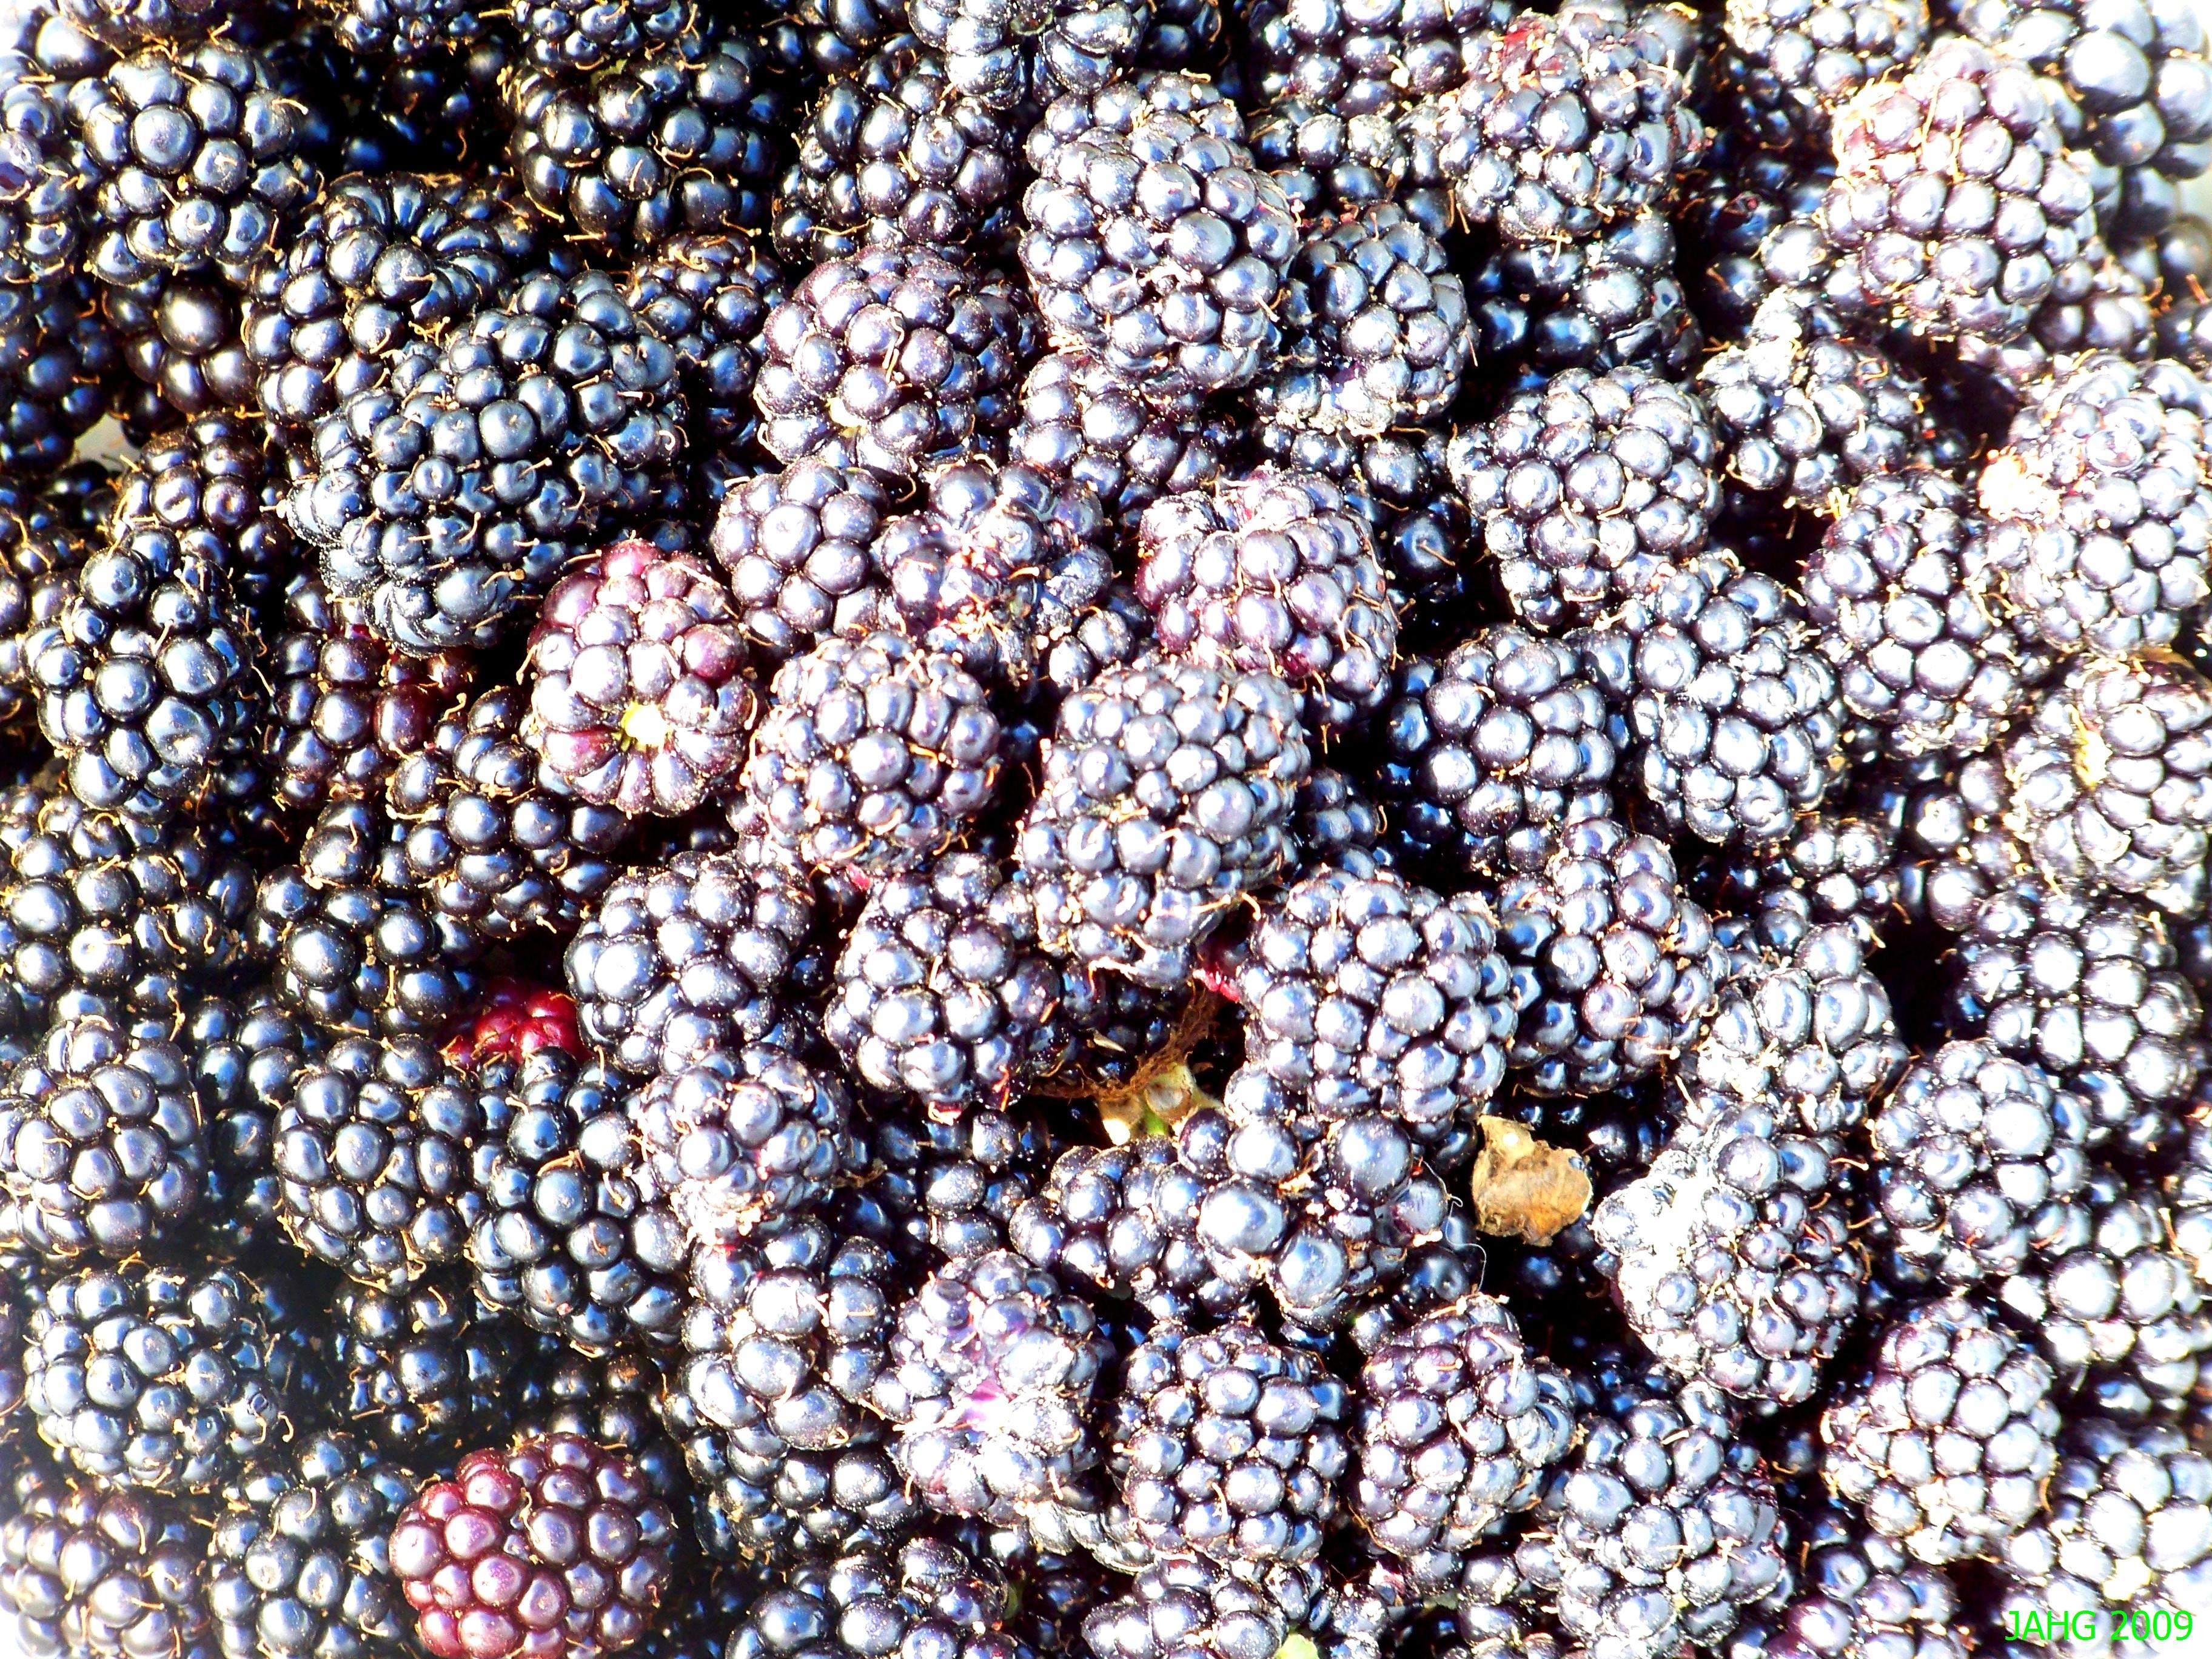 East Coast or West Coast We all Love Blackberries.